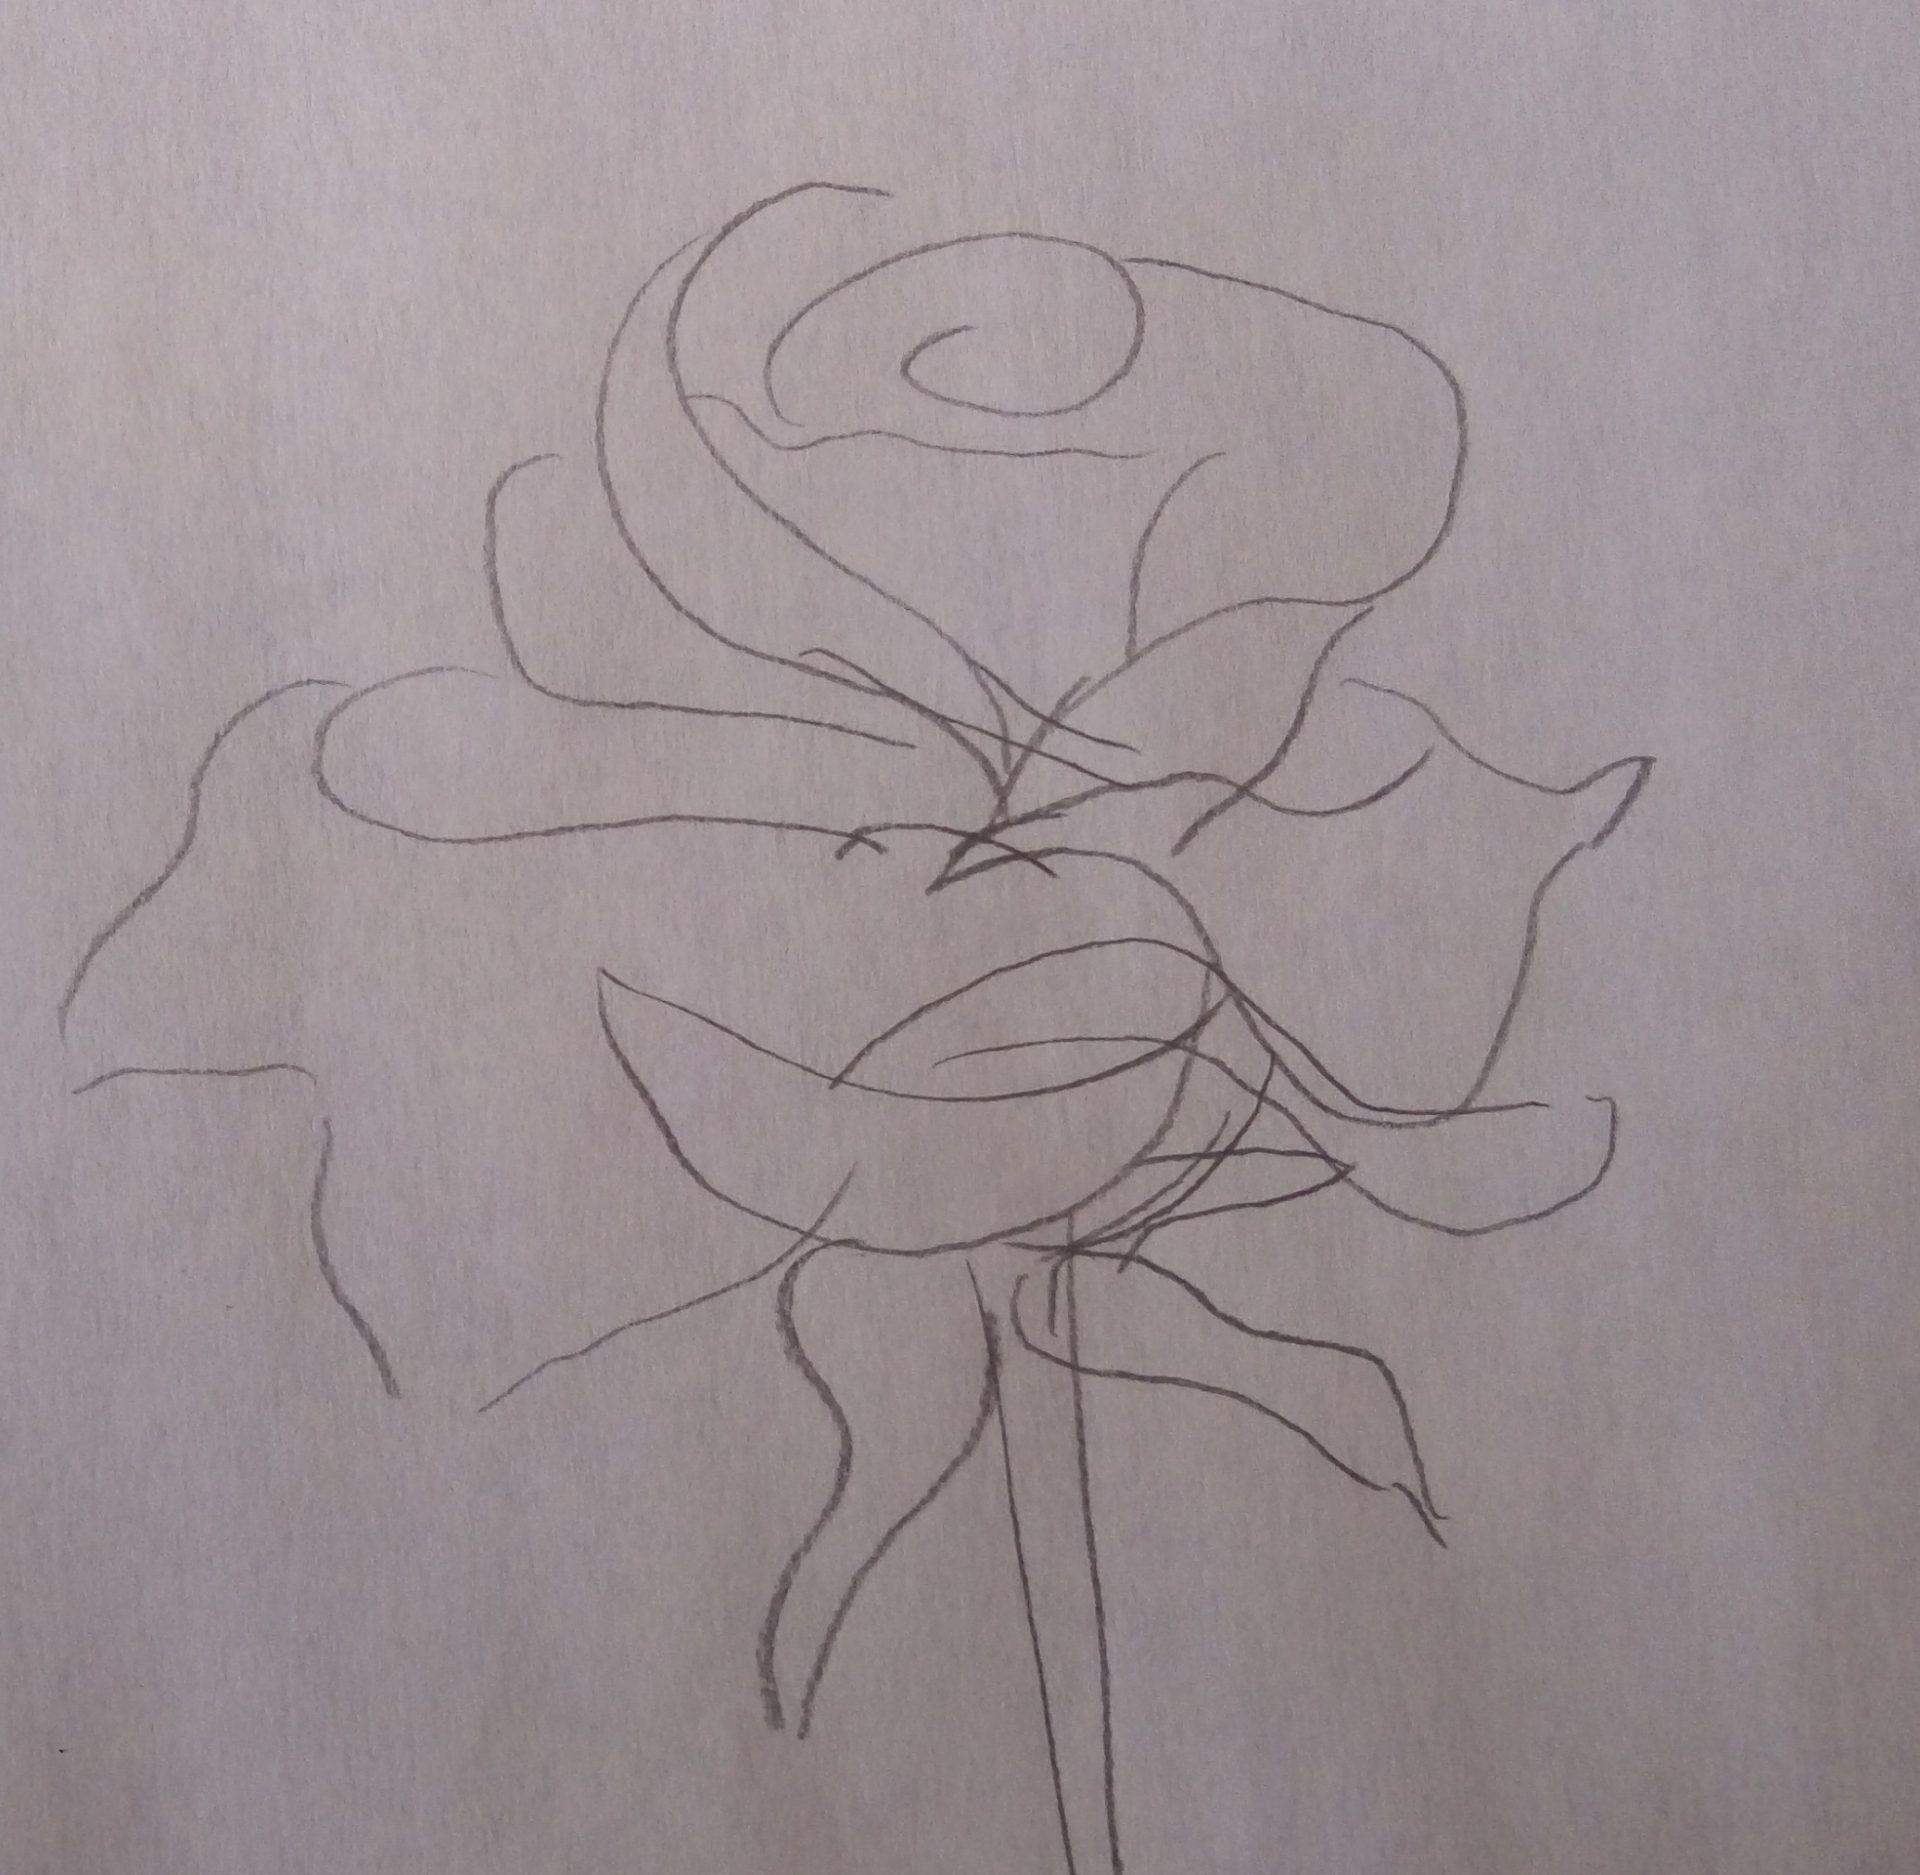 rysowanie kształtów róży